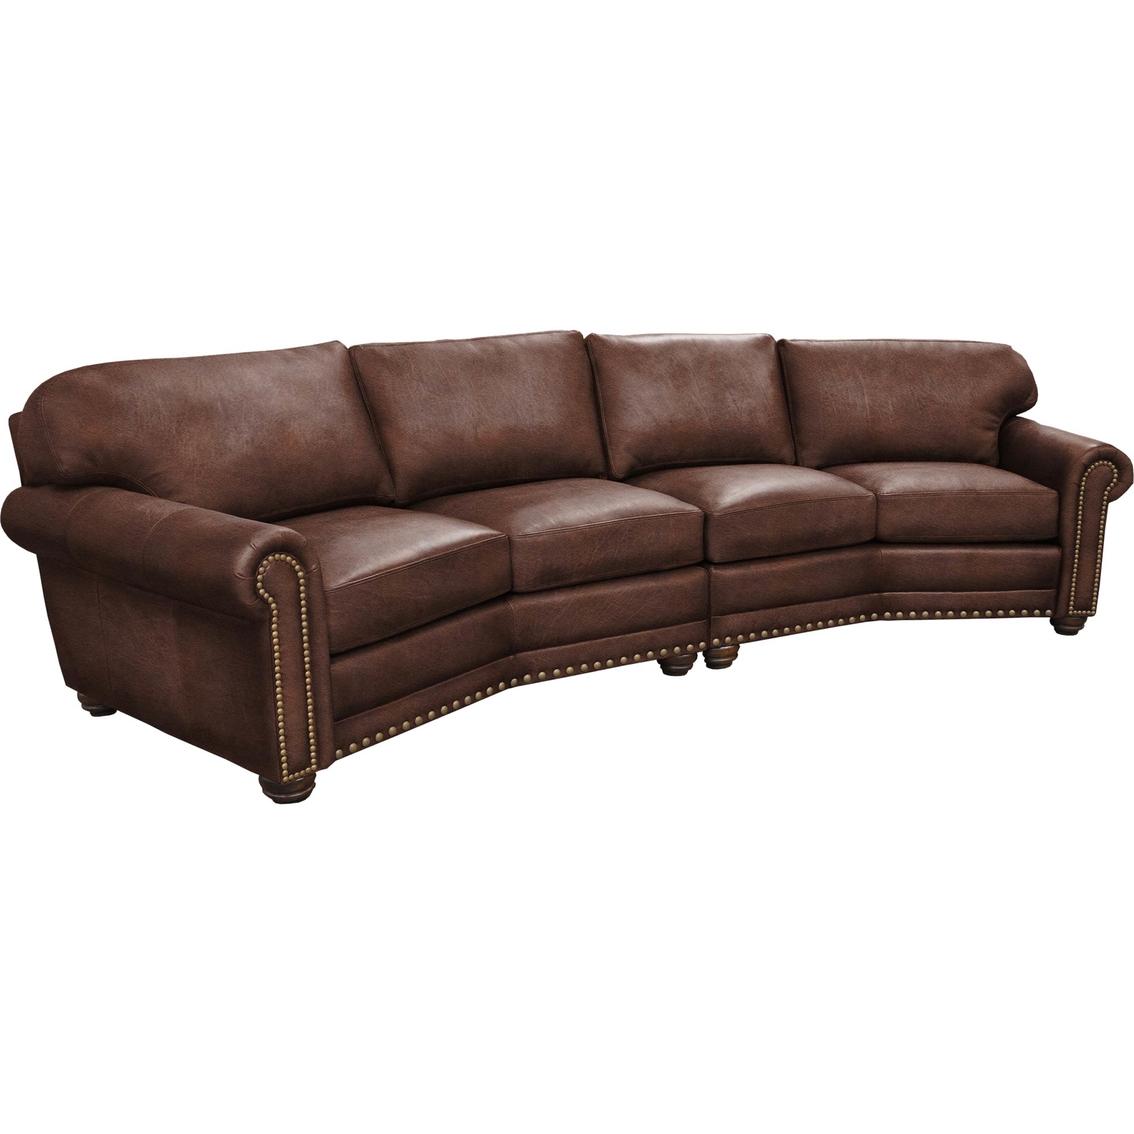 Omnia Italian Dominion Leather 4 Cushion Conversation Sofa ...